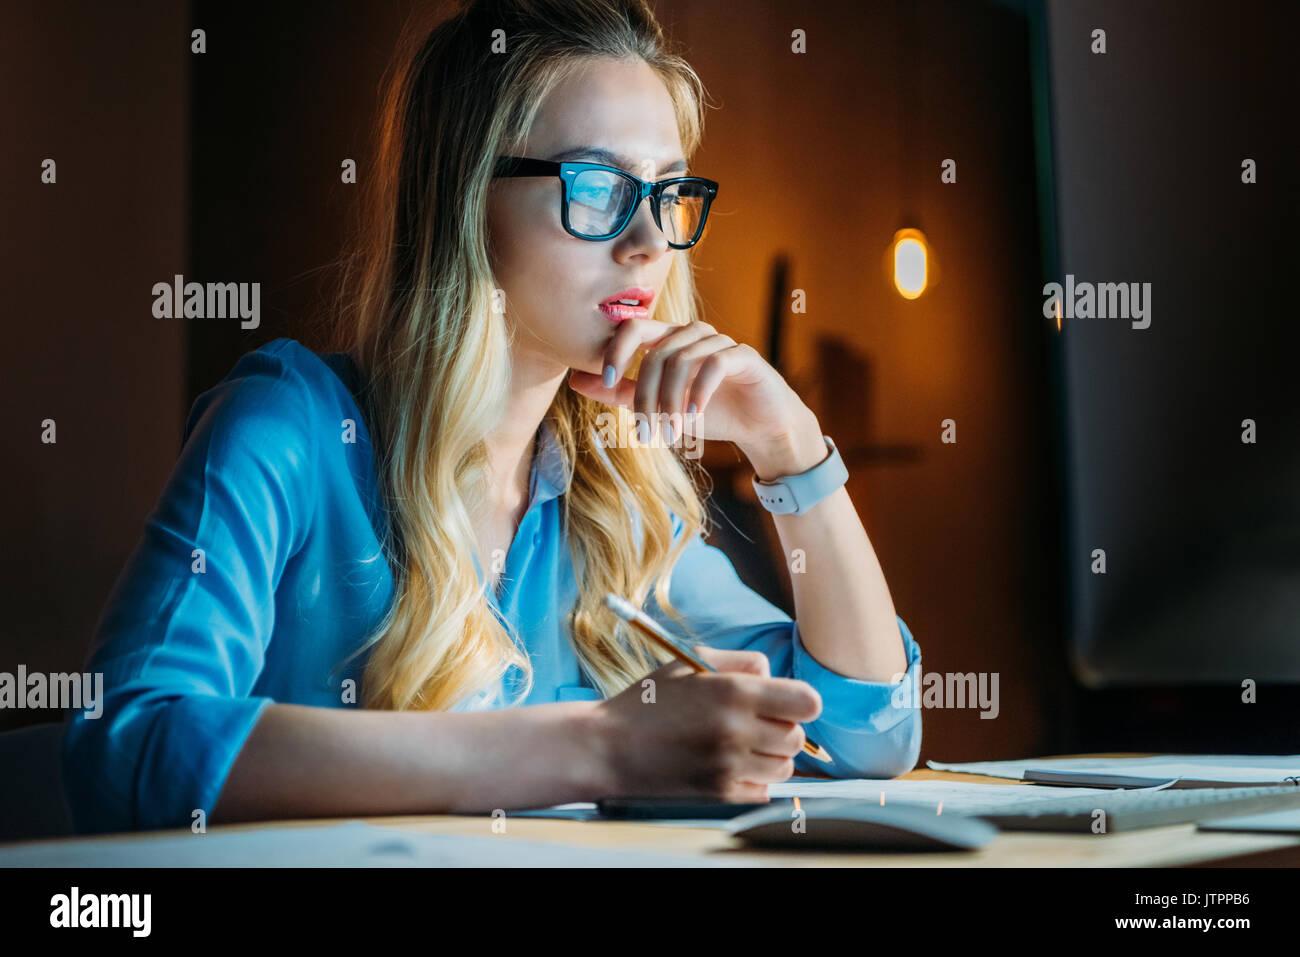 Junge nachdenklich kaukasischen Geschäftsfrau in Brillen etwas Schreiben mit Bleistift und Sitzen am Arbeitsplatz Stockbild